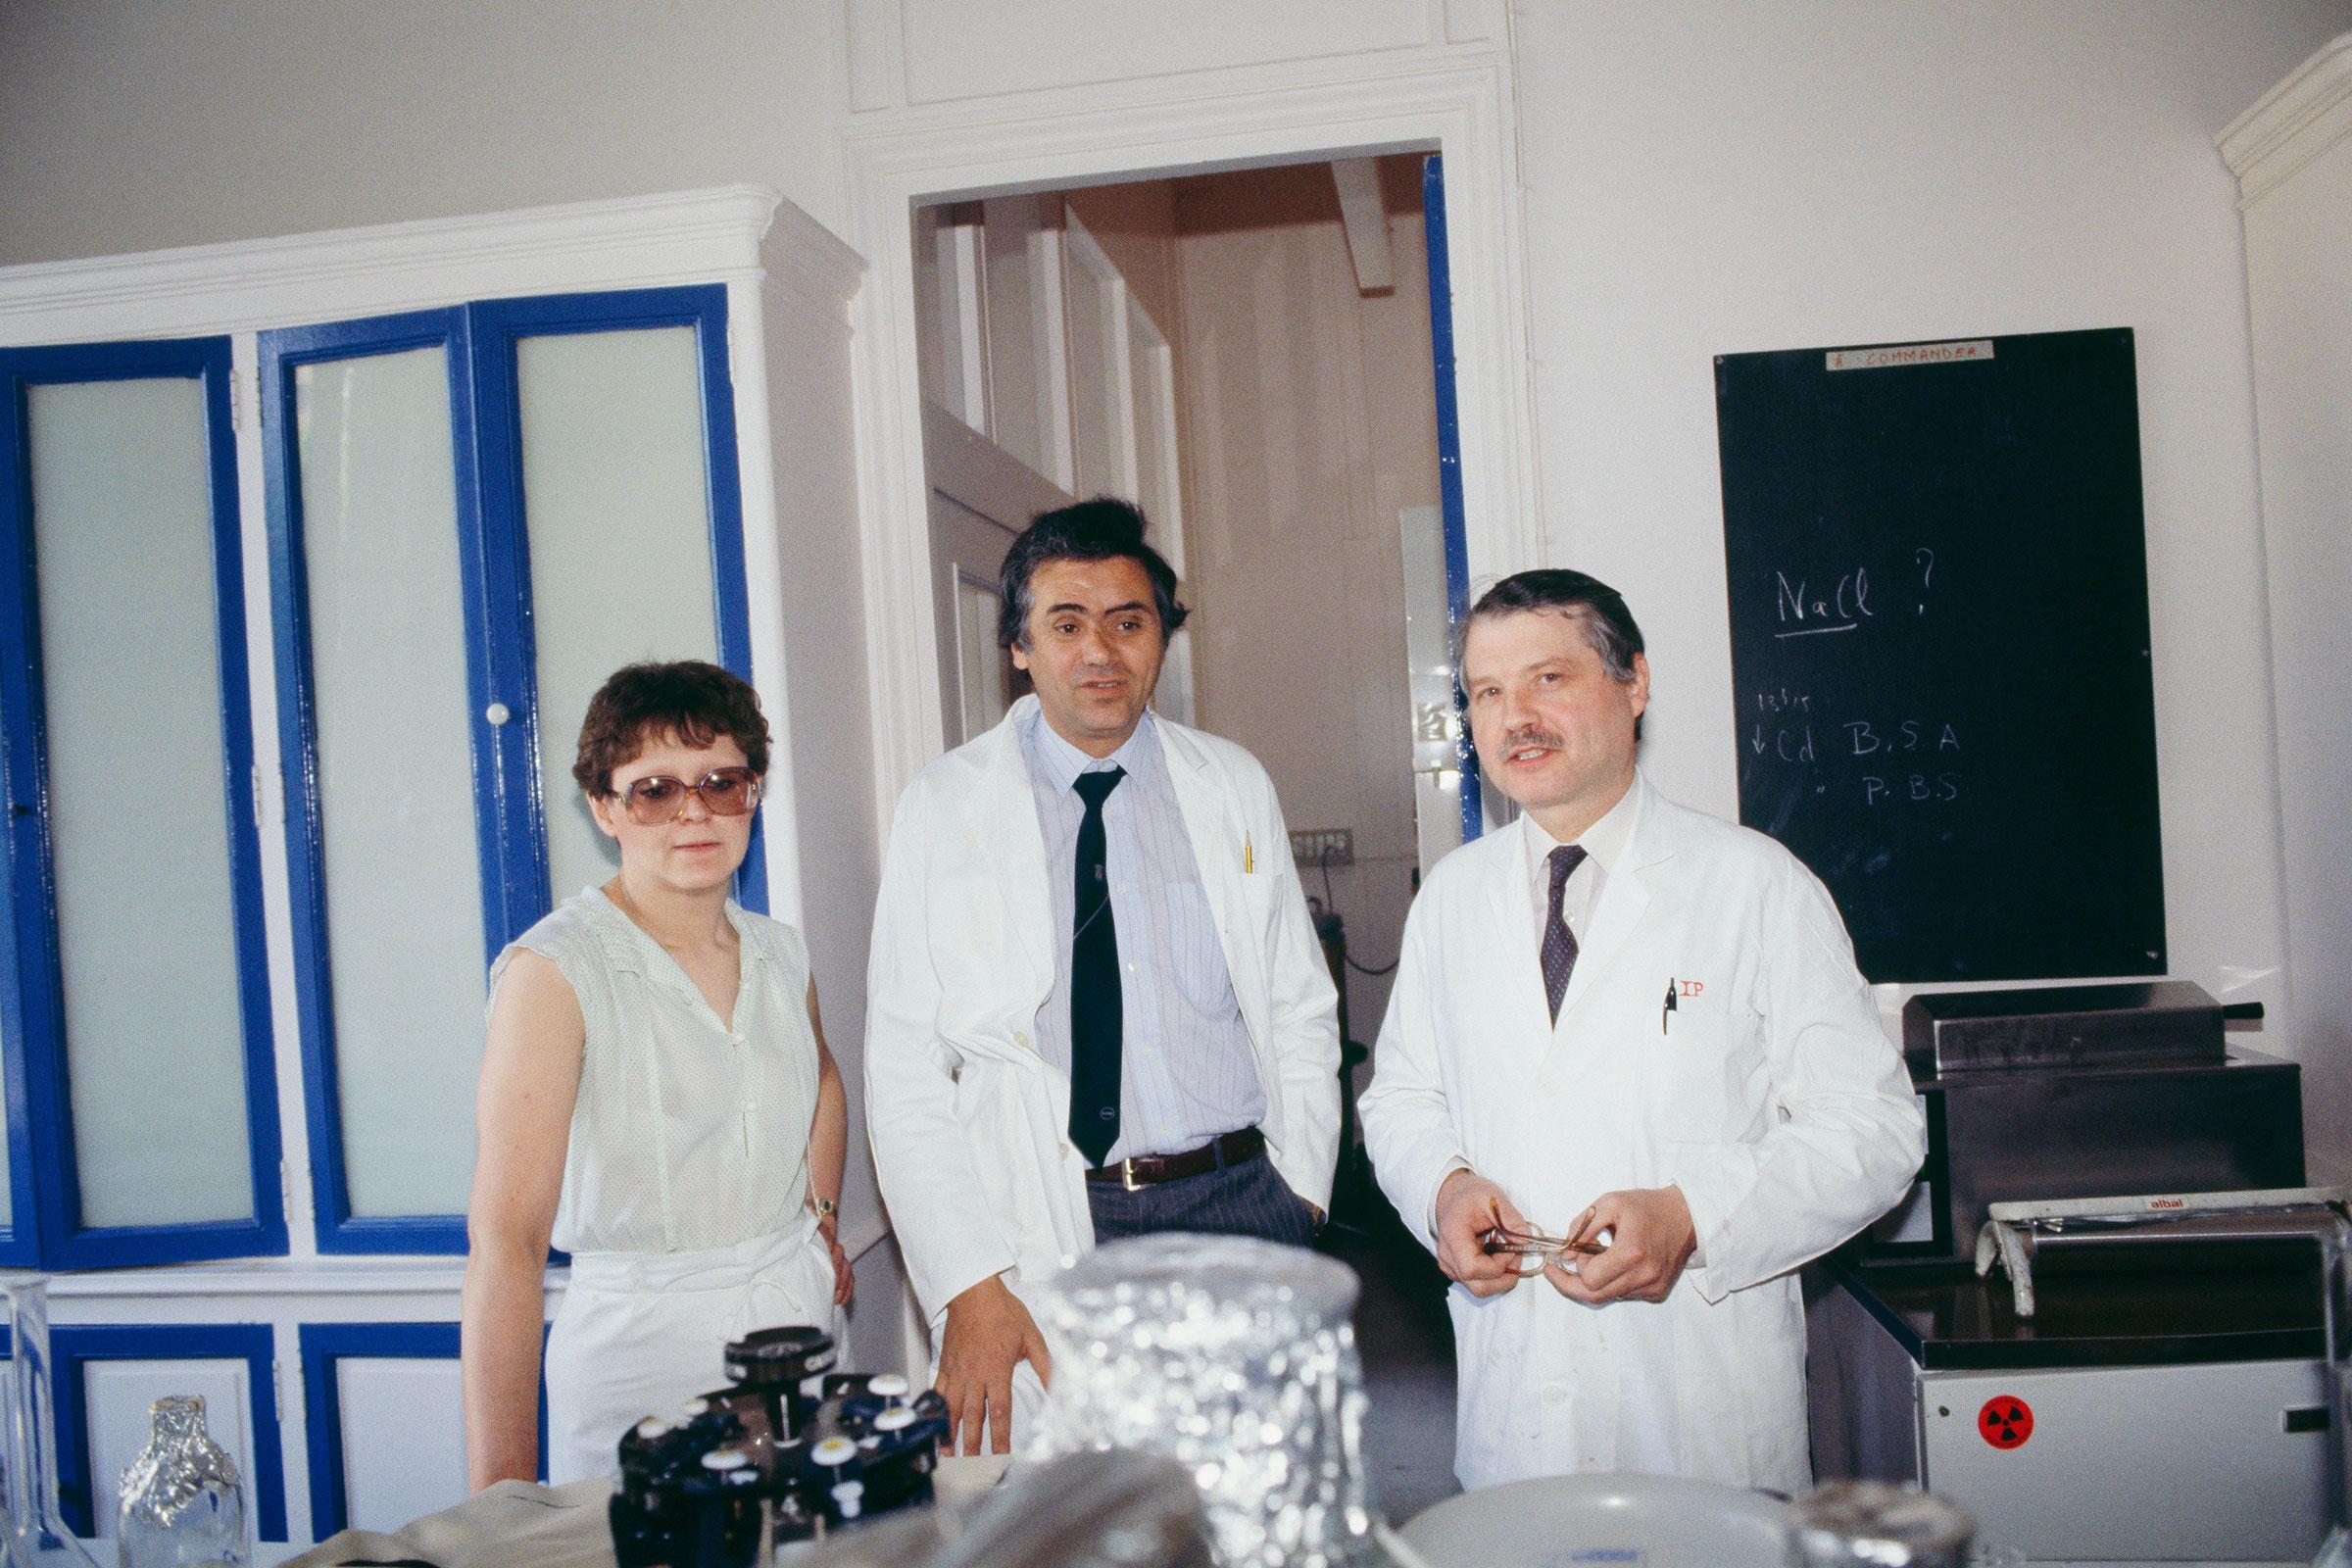 Barré-Sinoussi, Jean-Claude Chermann and Montagnier at the Pasteur Institute.